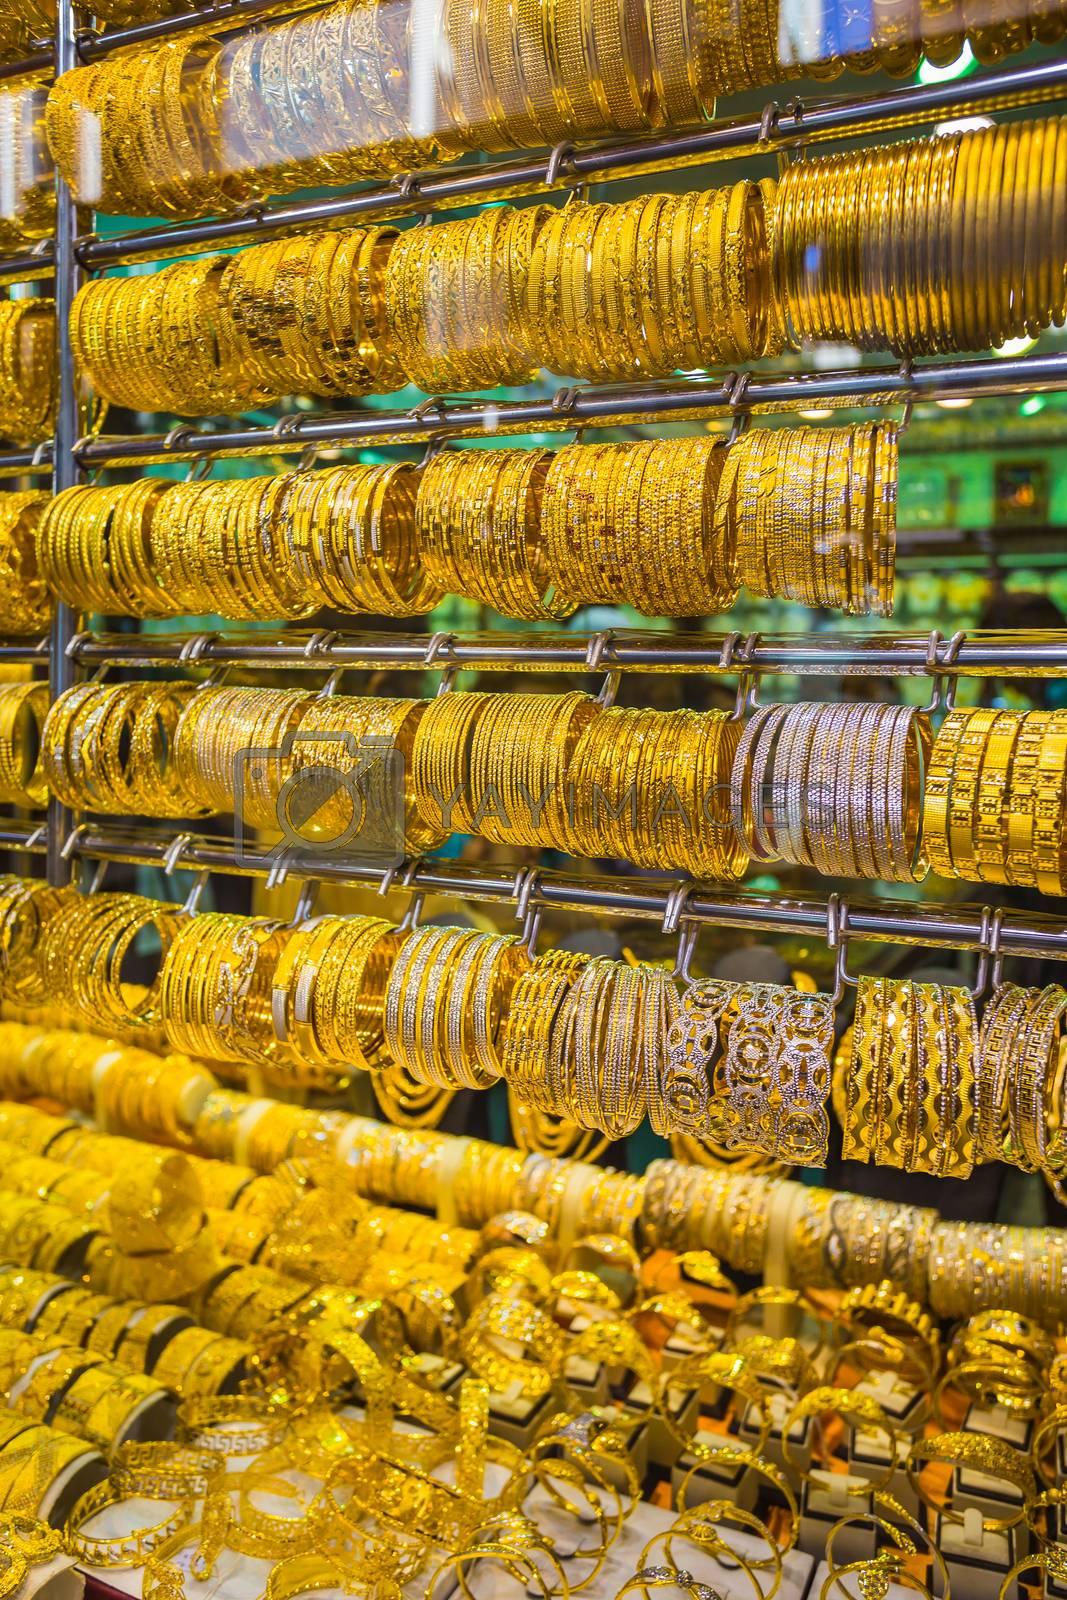 Royalty free image of Gold market in Duba by oleg_zhukov